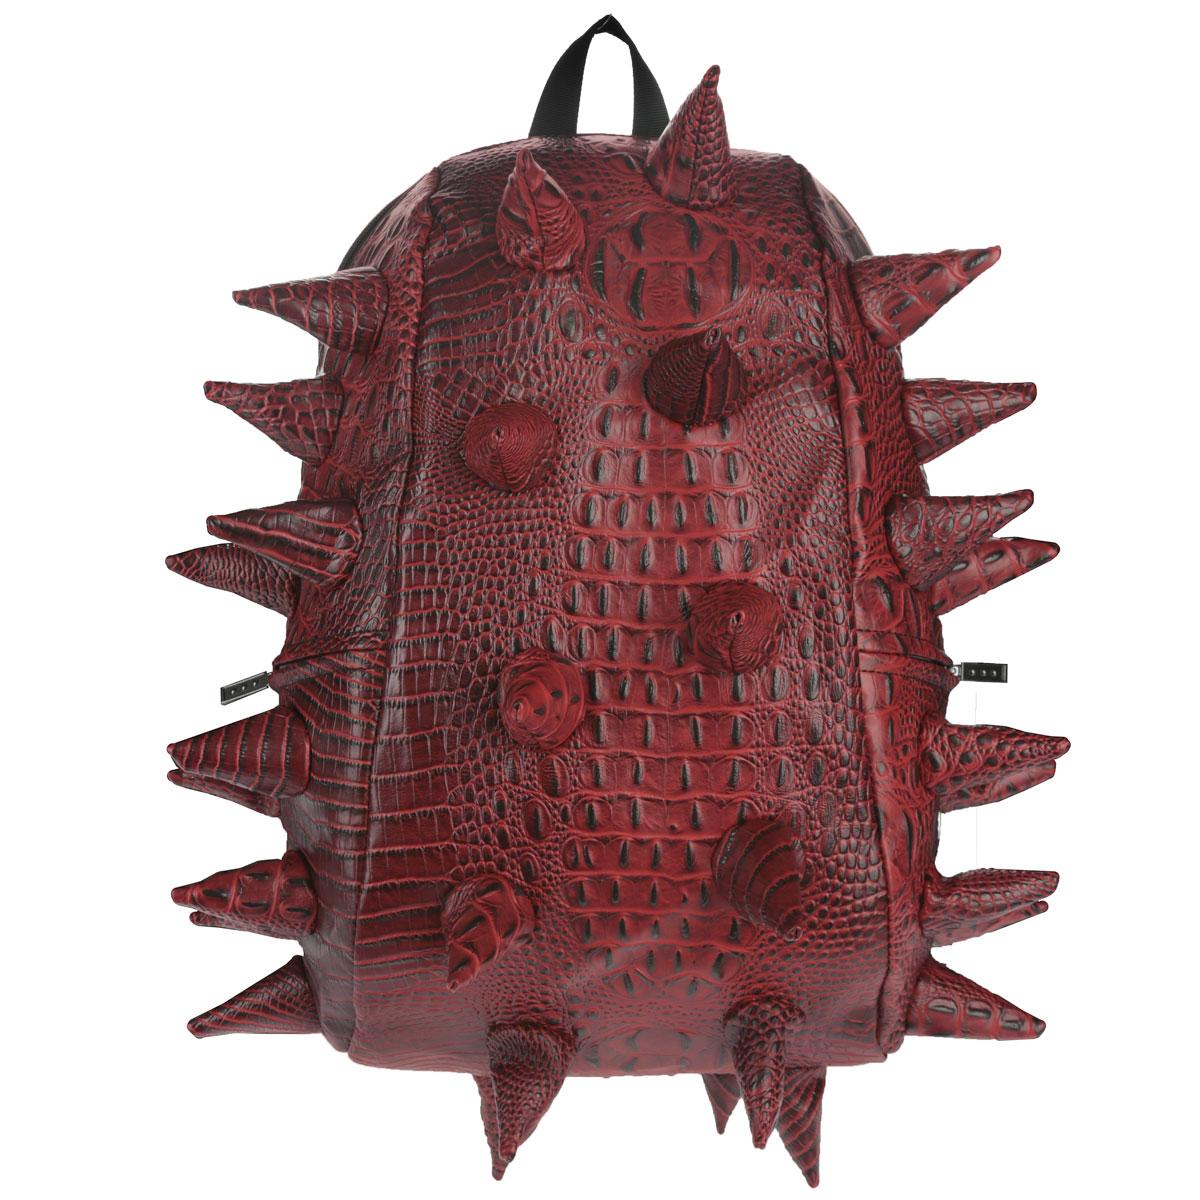 """Рюкзак городской MadPax Gator Full, цвет: красный, 27 лKZ24483897Городской рюкзак MadPax Gator Full - это стильный и практичный аксессуар, который станет незаменимым в ритме большого города. Верх рюкзака выполнен из 100% поливинила с тиснением под рептилию, шипы придают изделию неповторимый дизайн. Подкладка изготовлена из нейлона. Рюкзак имеет одно основное отделение на застежке-молнии. Размер Full позволяет поместить внутрь ноутбук с диагональю экрана 17"""", для этого предусмотрен специальный отдел с мягкими стенками, закрывающийся хлястиком на липучку. Также внутри содержится небольшой карман на молнии. Снаружи по бокам у рюкзака два кармана на молнии для разных мелочей. Сзади расположен кармашек из прозрачного ПВХ для визитки. Модель оснащена ручкой для переноски в руке, а также широкими плечевыми лямками с многослойной структурой, которые можно регулировать по длине. Специальная застежка-крепление соединяет и фиксирует лямки в районе груди, это позволяет равномерно распределить нагрузку на плечи и спину при максимальной загрузке..."""